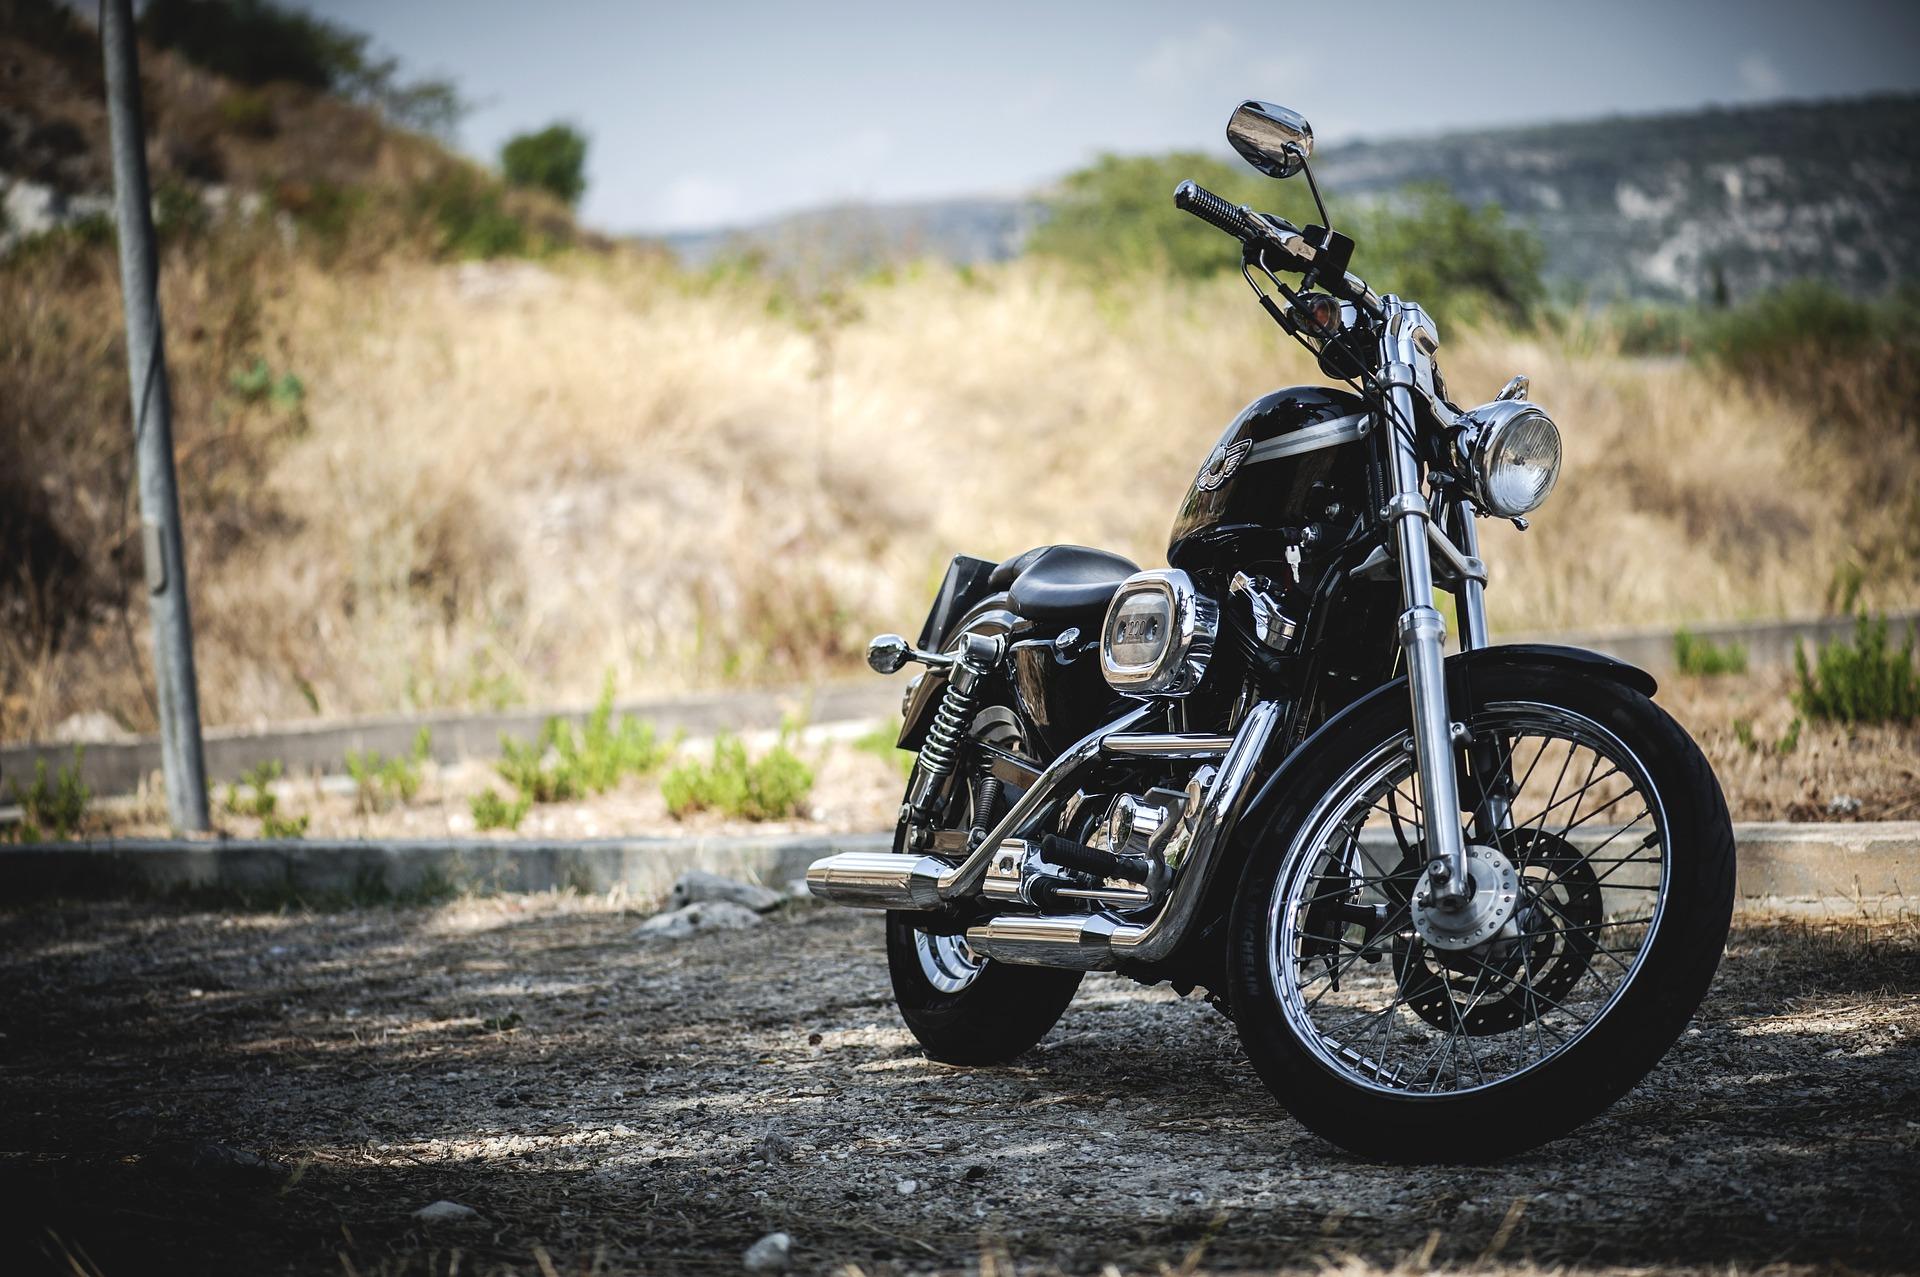 Zaujímavosti o Harley-Davidson - 13 faktov ktoré vás prekvapia